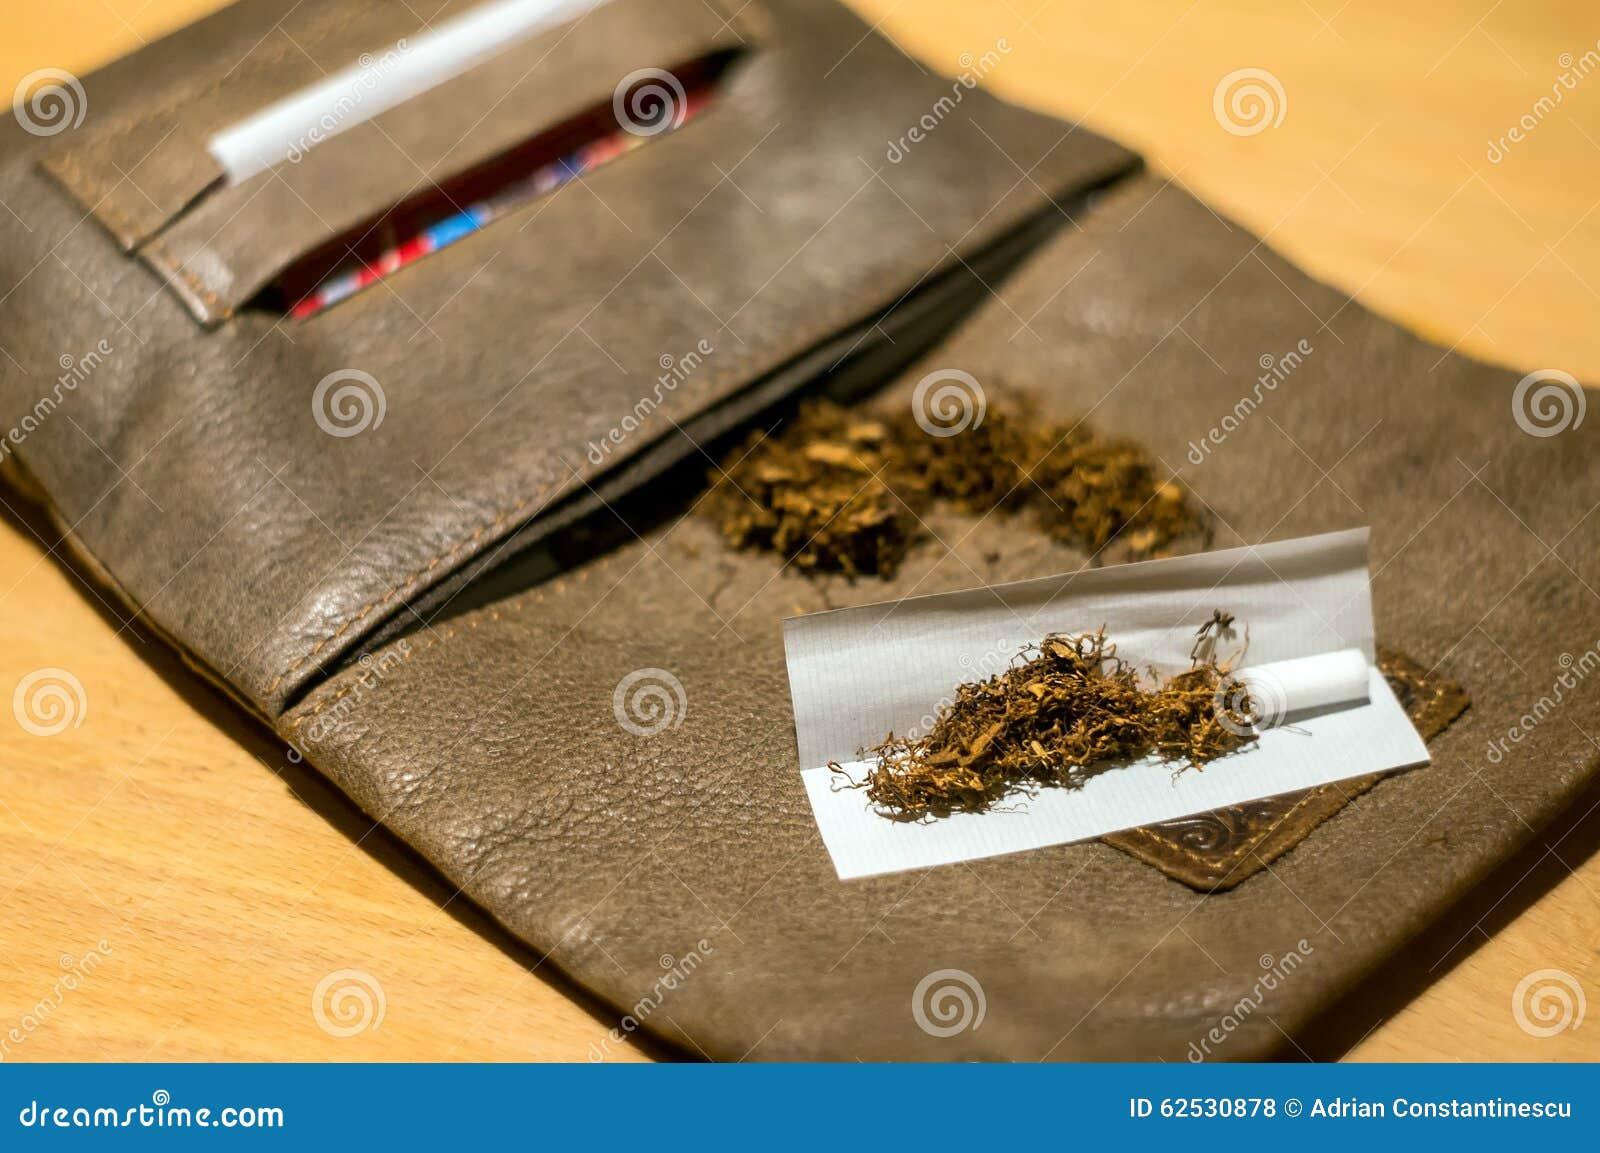 Tabacco皮革囊